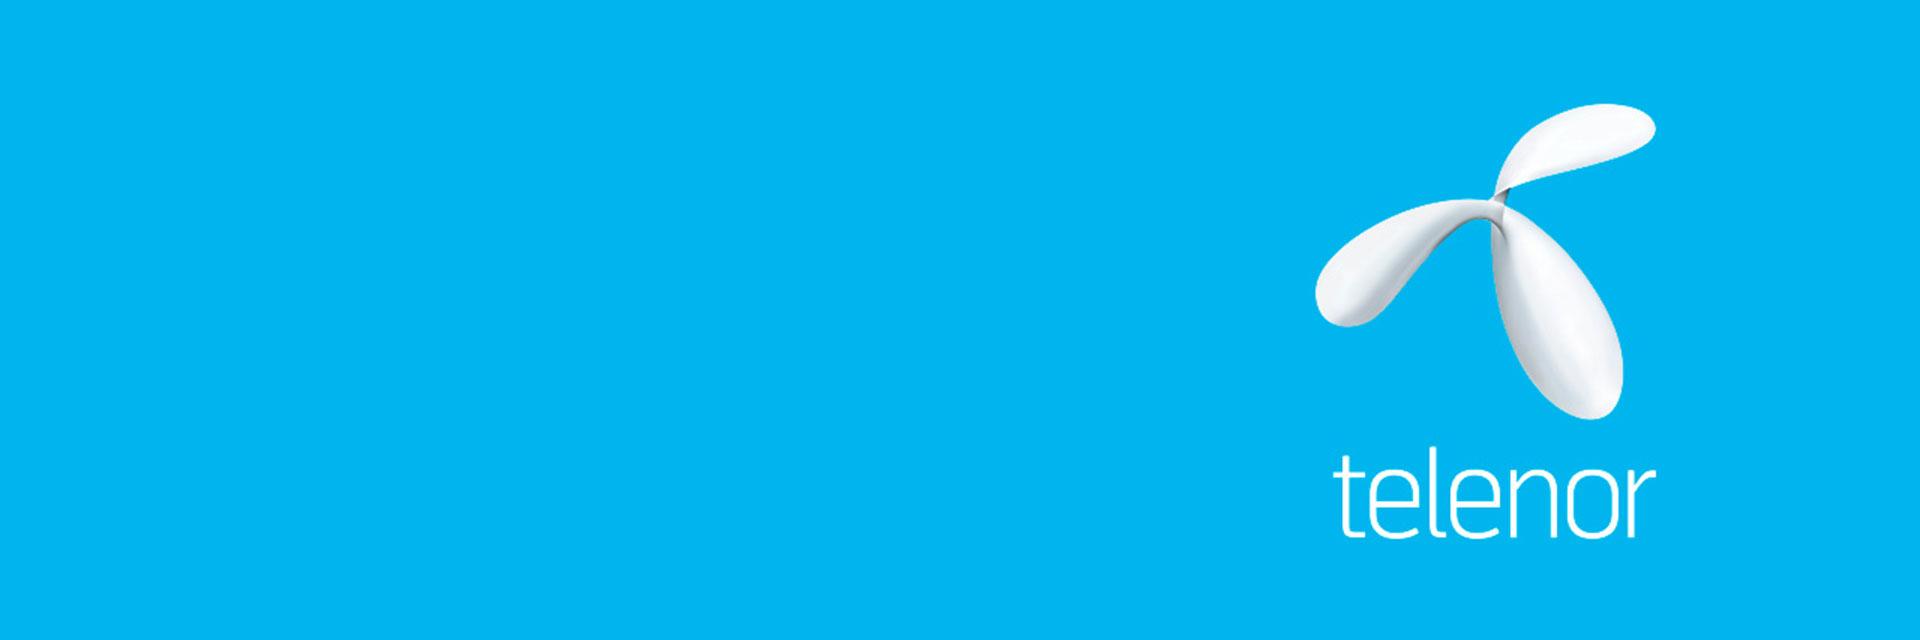 telenor_banner